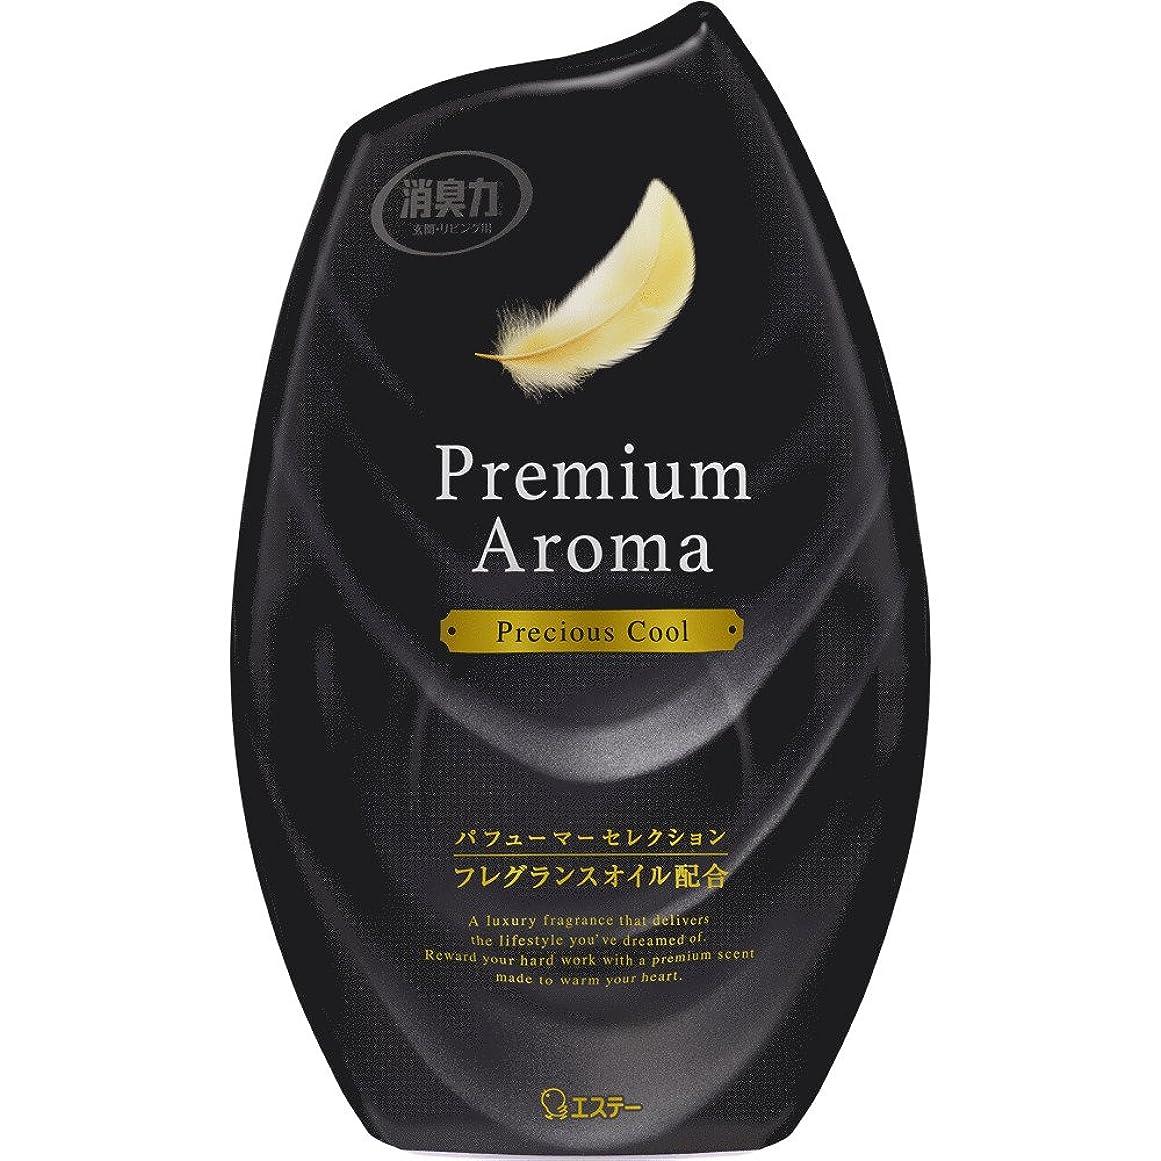 ジャニスロマンチックパンダお部屋の消臭力 プレミアムアロマ Premium Aroma 消臭芳香剤 部屋用 部屋 プレシャスクールの香り 400ml